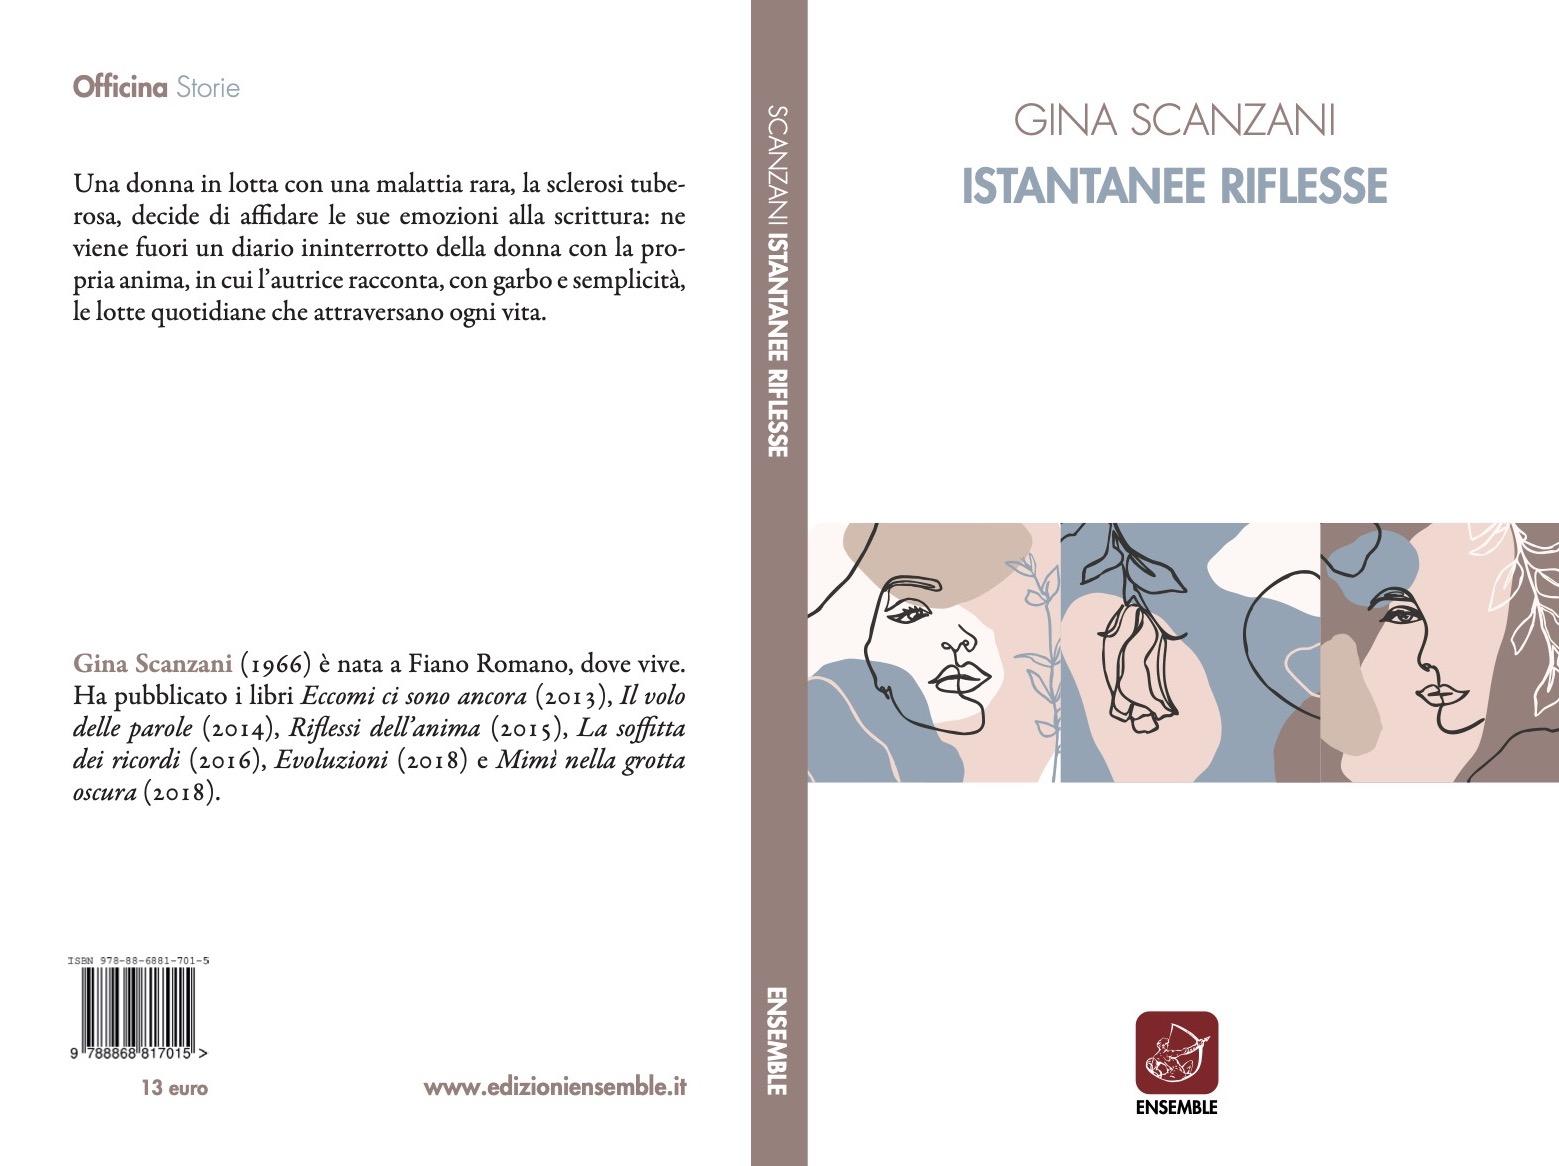 Presentazione del libro   Istantanee riflesse – Gina Scanzani